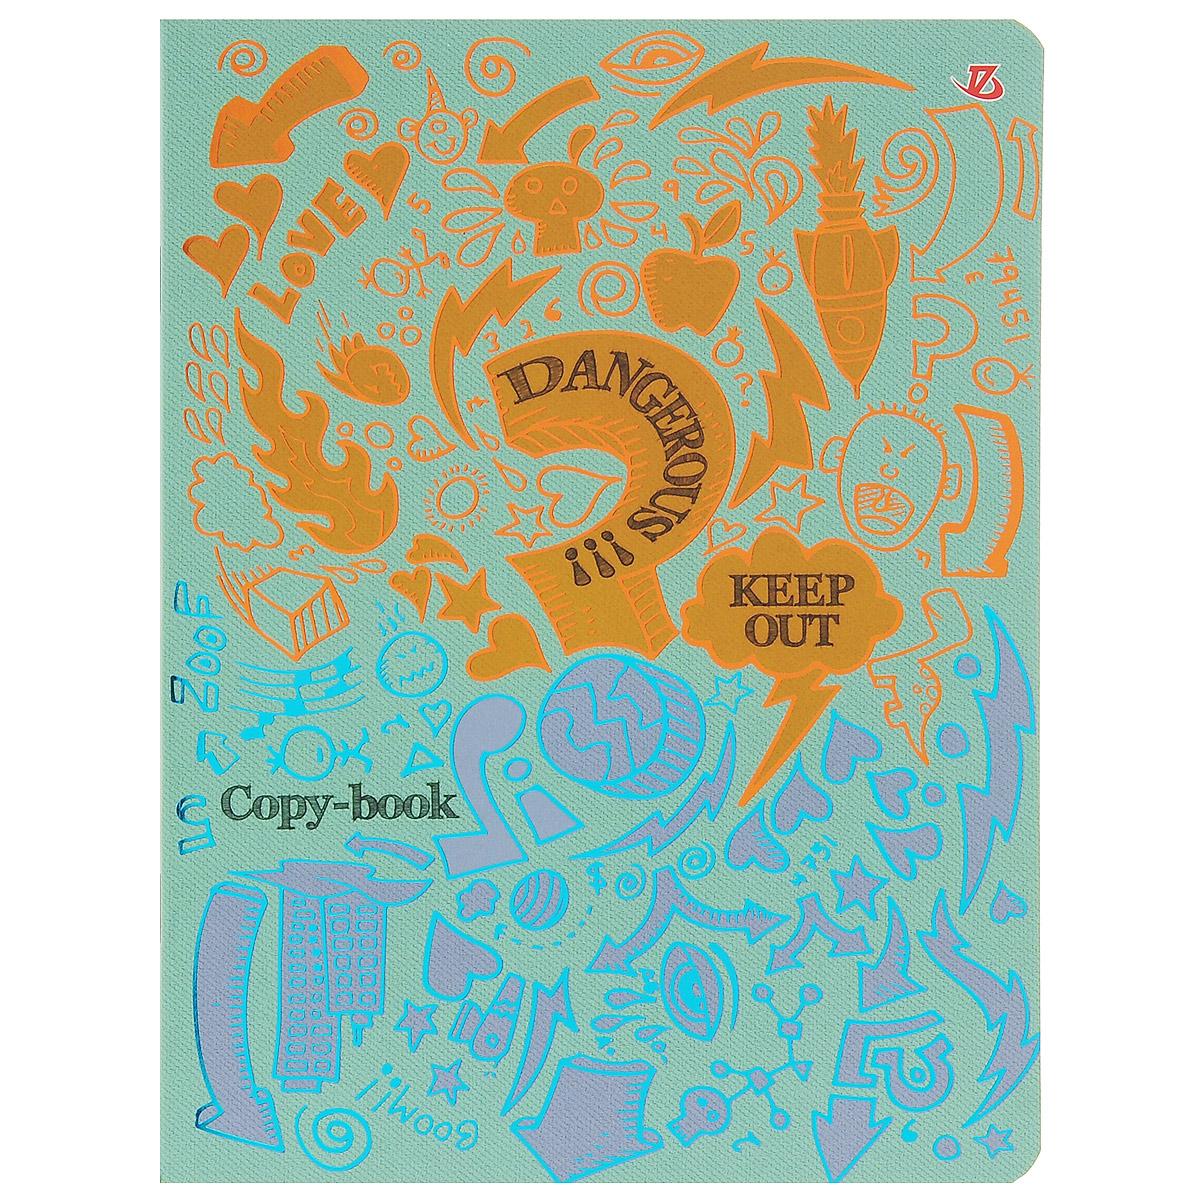 Тетрадь Keep Out, 48 листов, формат А5, цвет: бирюзовый, оранжевый6053/3_тонир листы, кругл.ФиолетовыйТетрадь в клетку Keep Out подойдет как студенту, так и школьнику. Обложка тетради выполнена из картона и украшена ярким изображением с медным и бирюзовым теснением. Внутренний блок состоит из 48 листов офсетной бумаги, способ крепления - скрепка. Линовка листов стандартная - в клетку. Внутри содержатся страничка для заполнения личных данных.